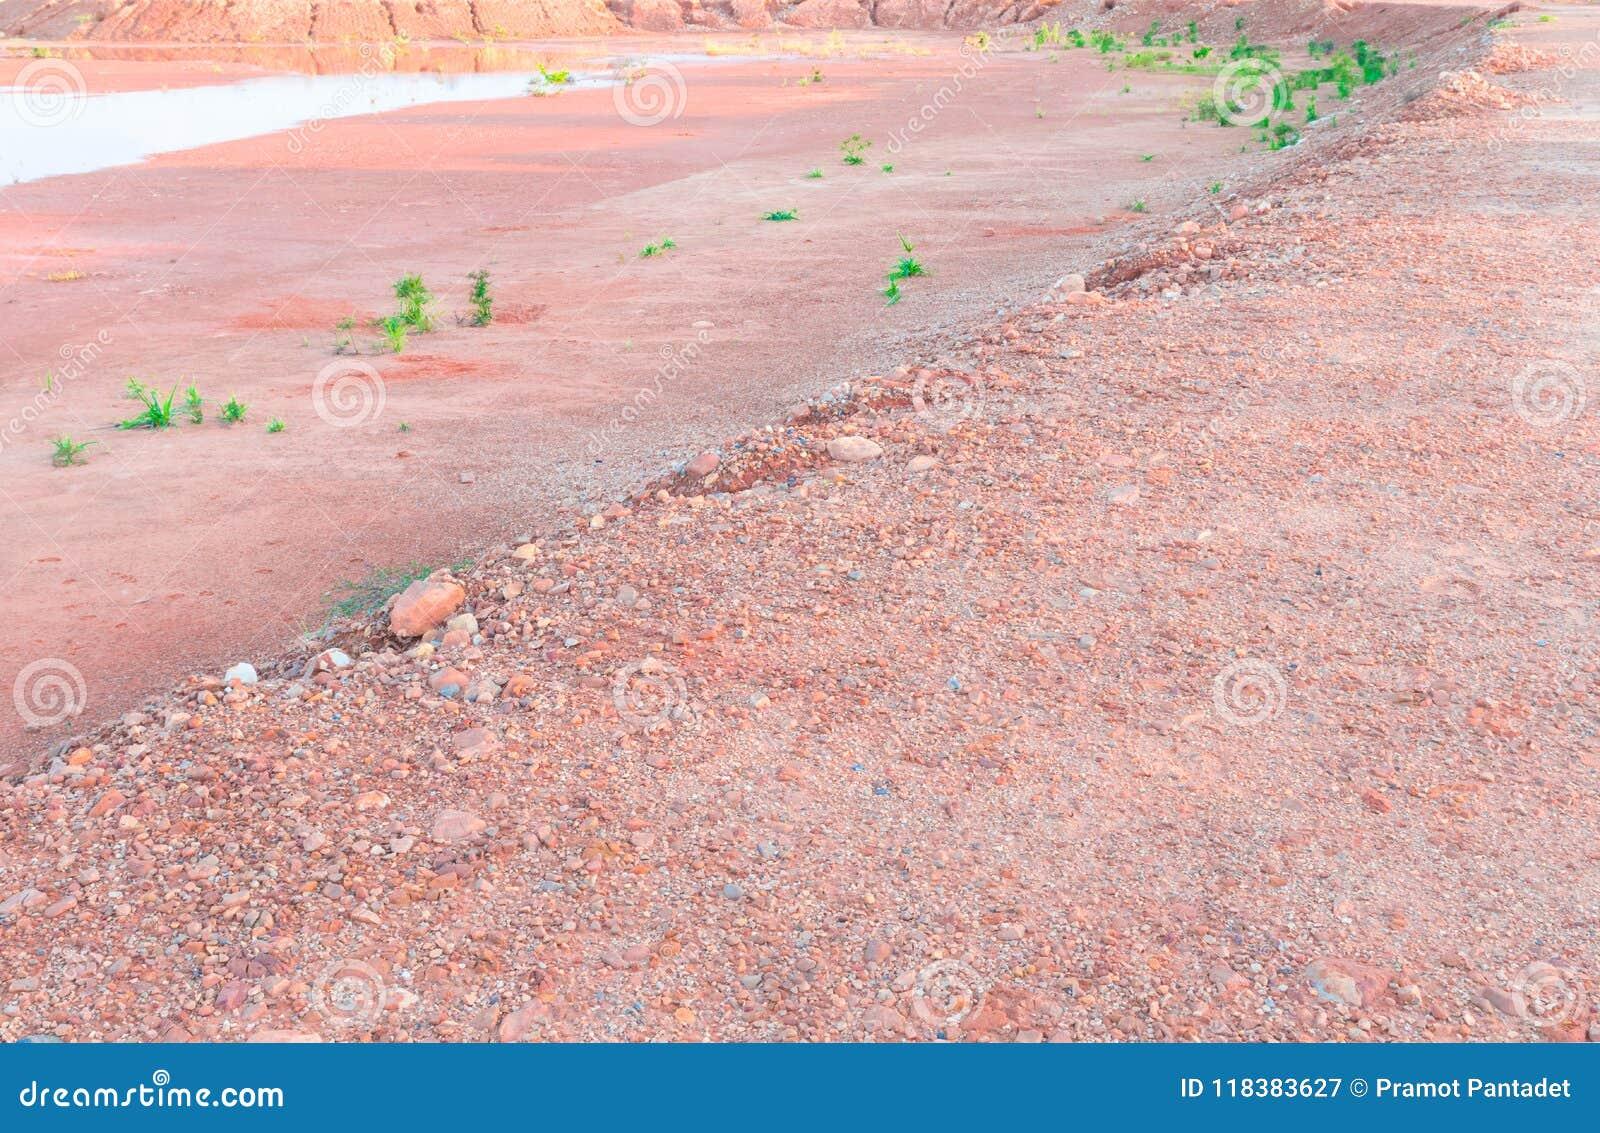 Represe a água seca do verão e afie a terra alaranjada do solo alaranjado de pedra do assoalho das texturas no fundo da natureza